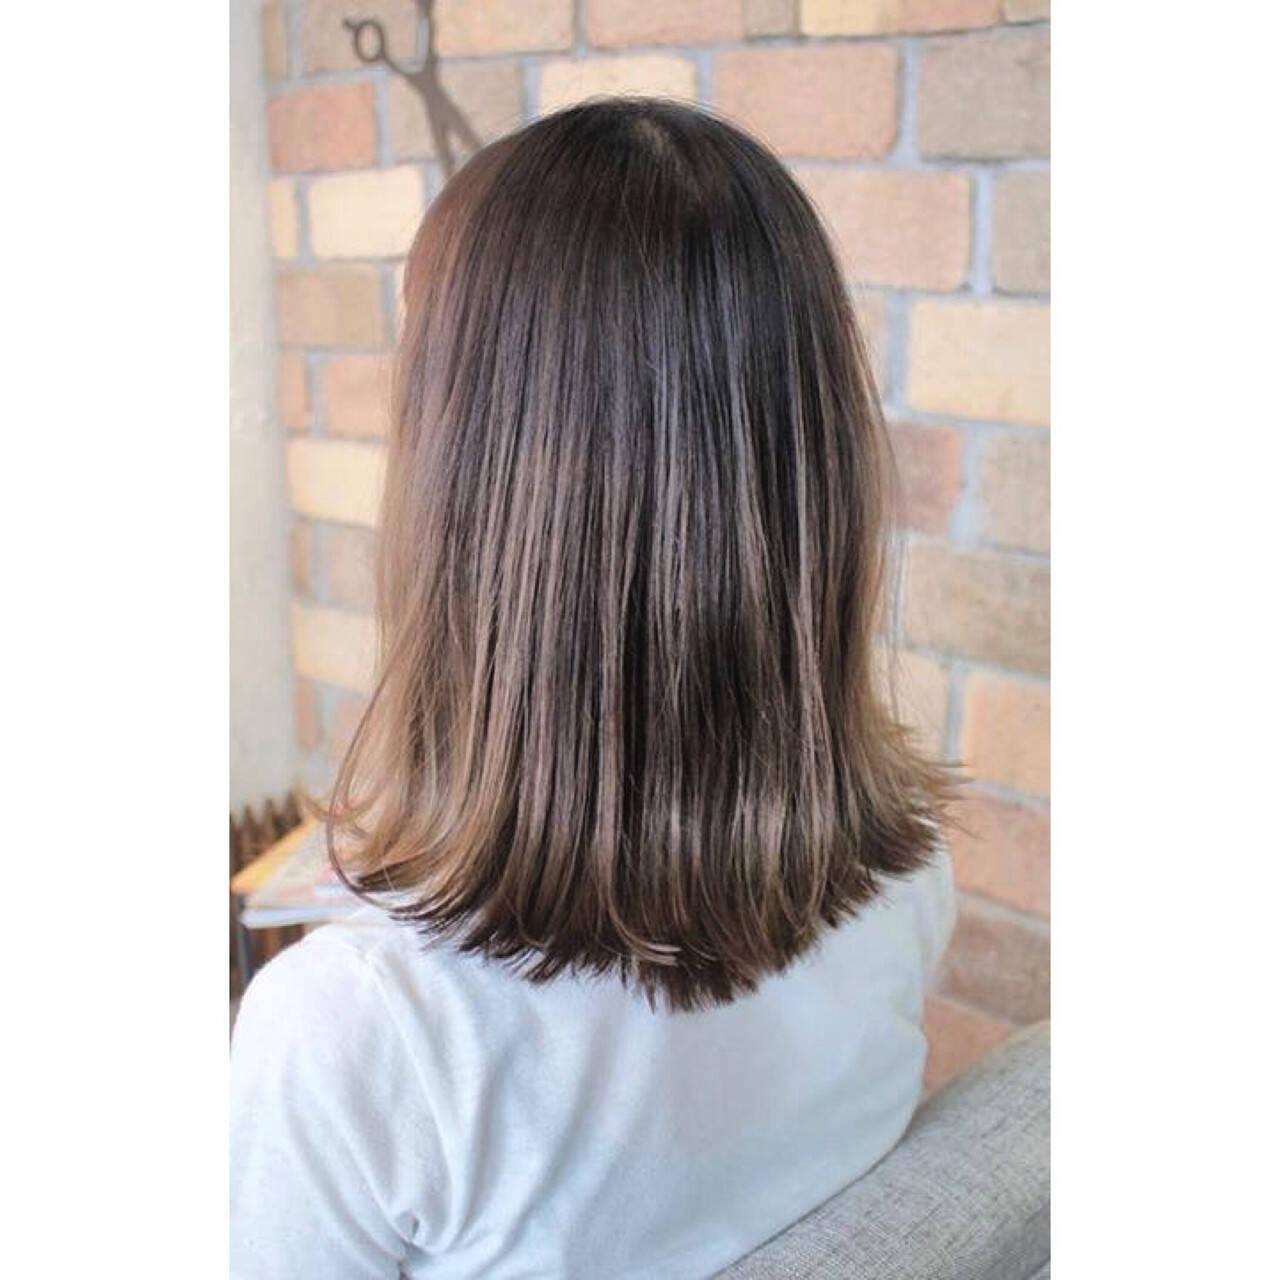 インナーカラー 女子会 アンニュイ ヘアアレンジヘアスタイルや髪型の写真・画像